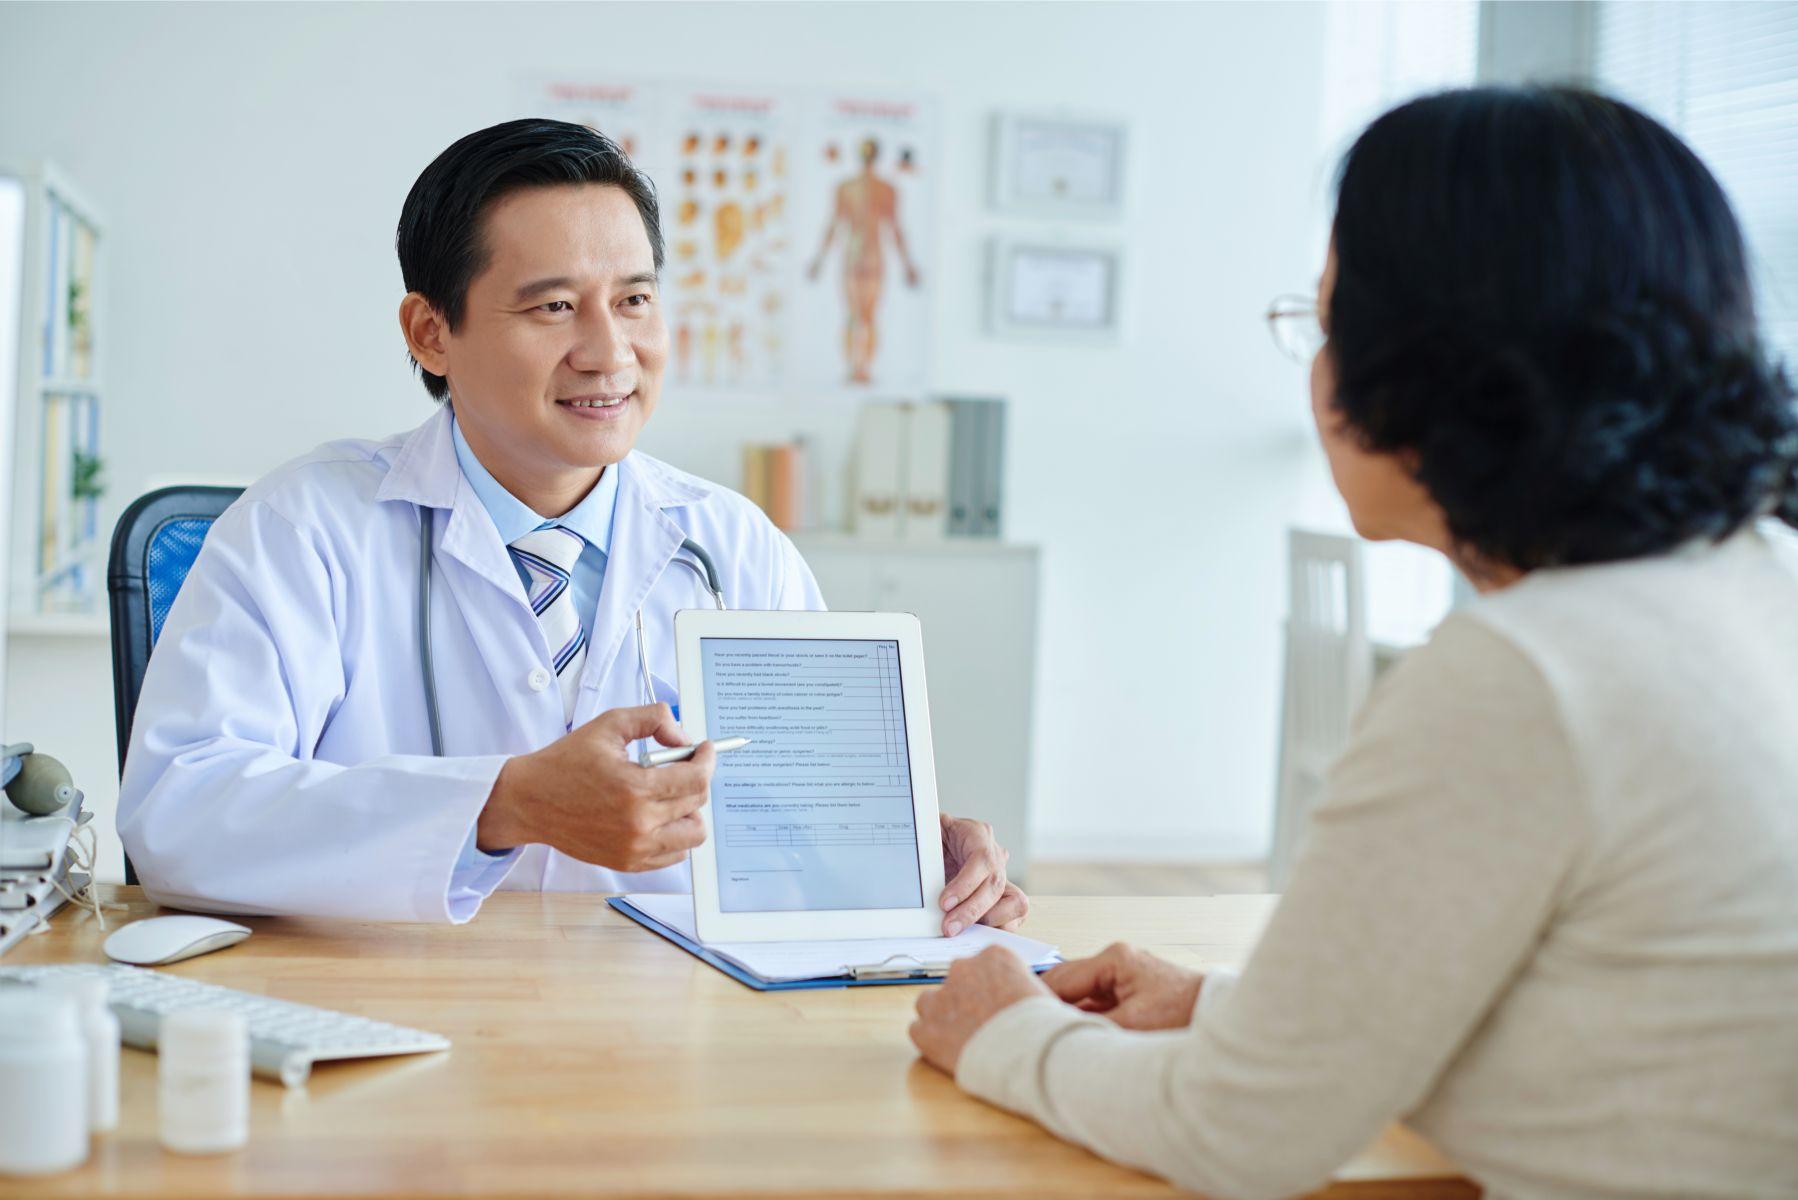 肝癌發生率、死亡率都很高 醫師:出現8個症狀、7個危險因子應就醫檢查